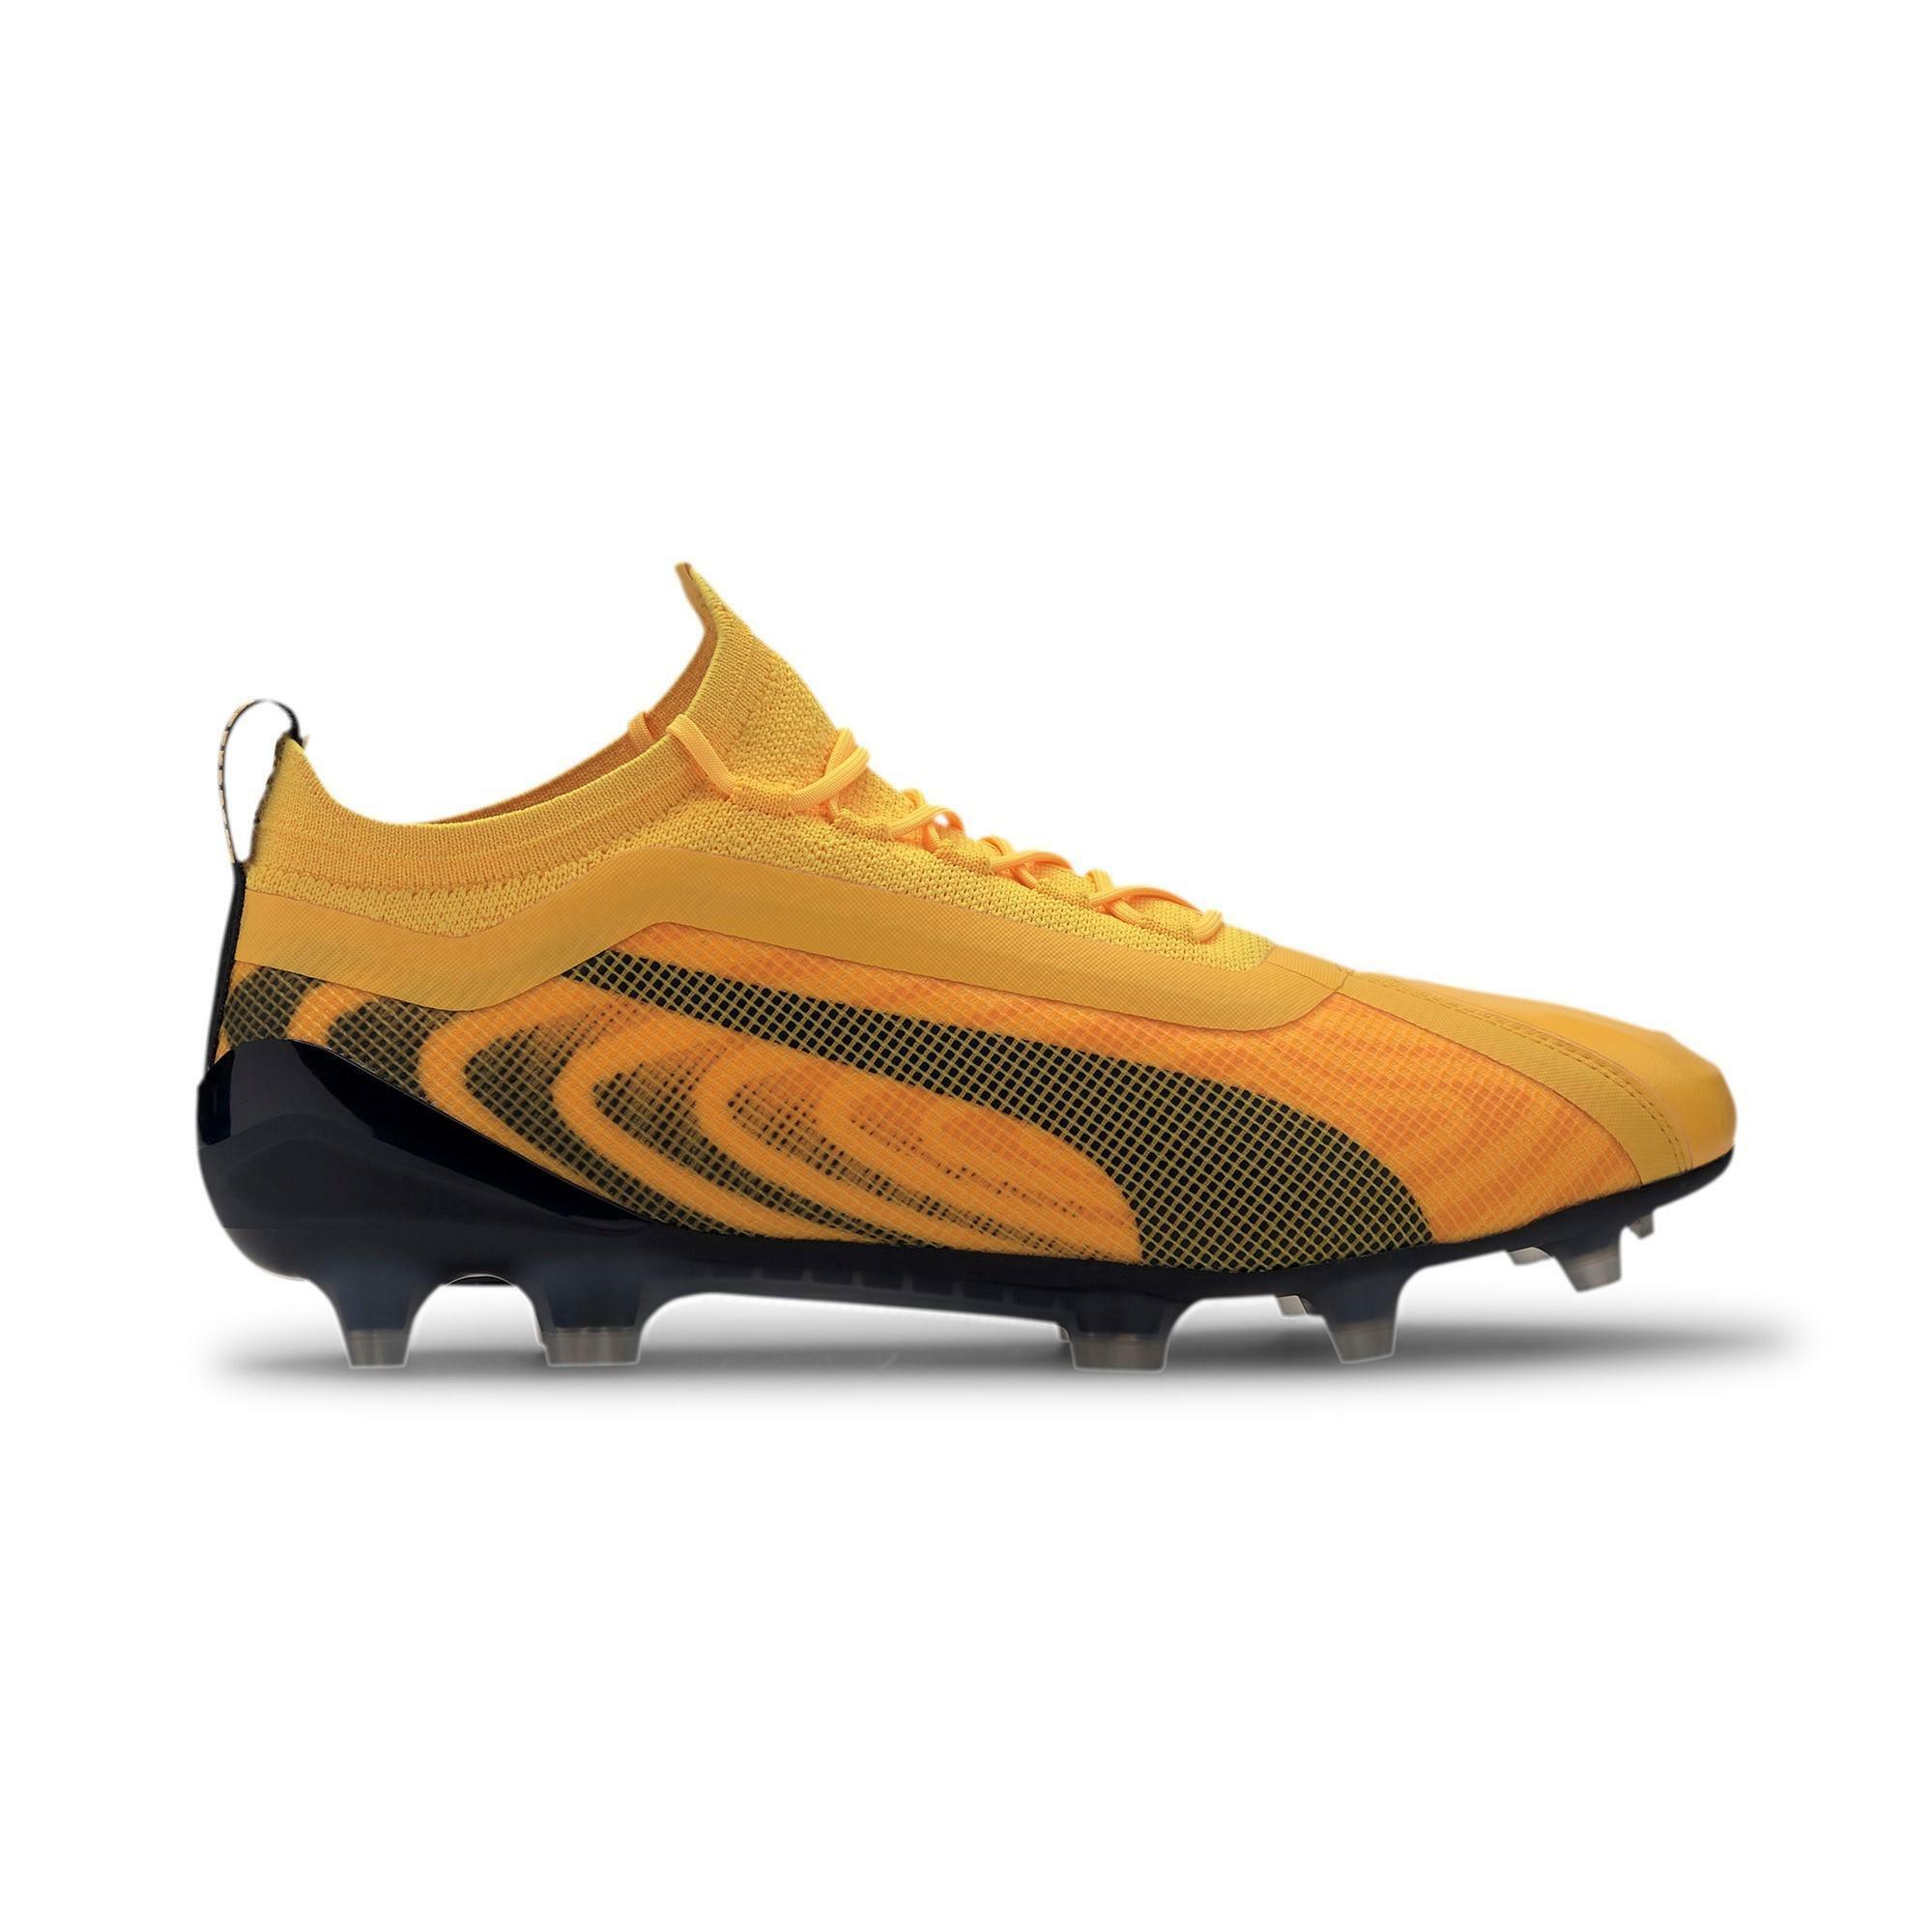 puma puma scarpa calcio one 20.1 fg/ag